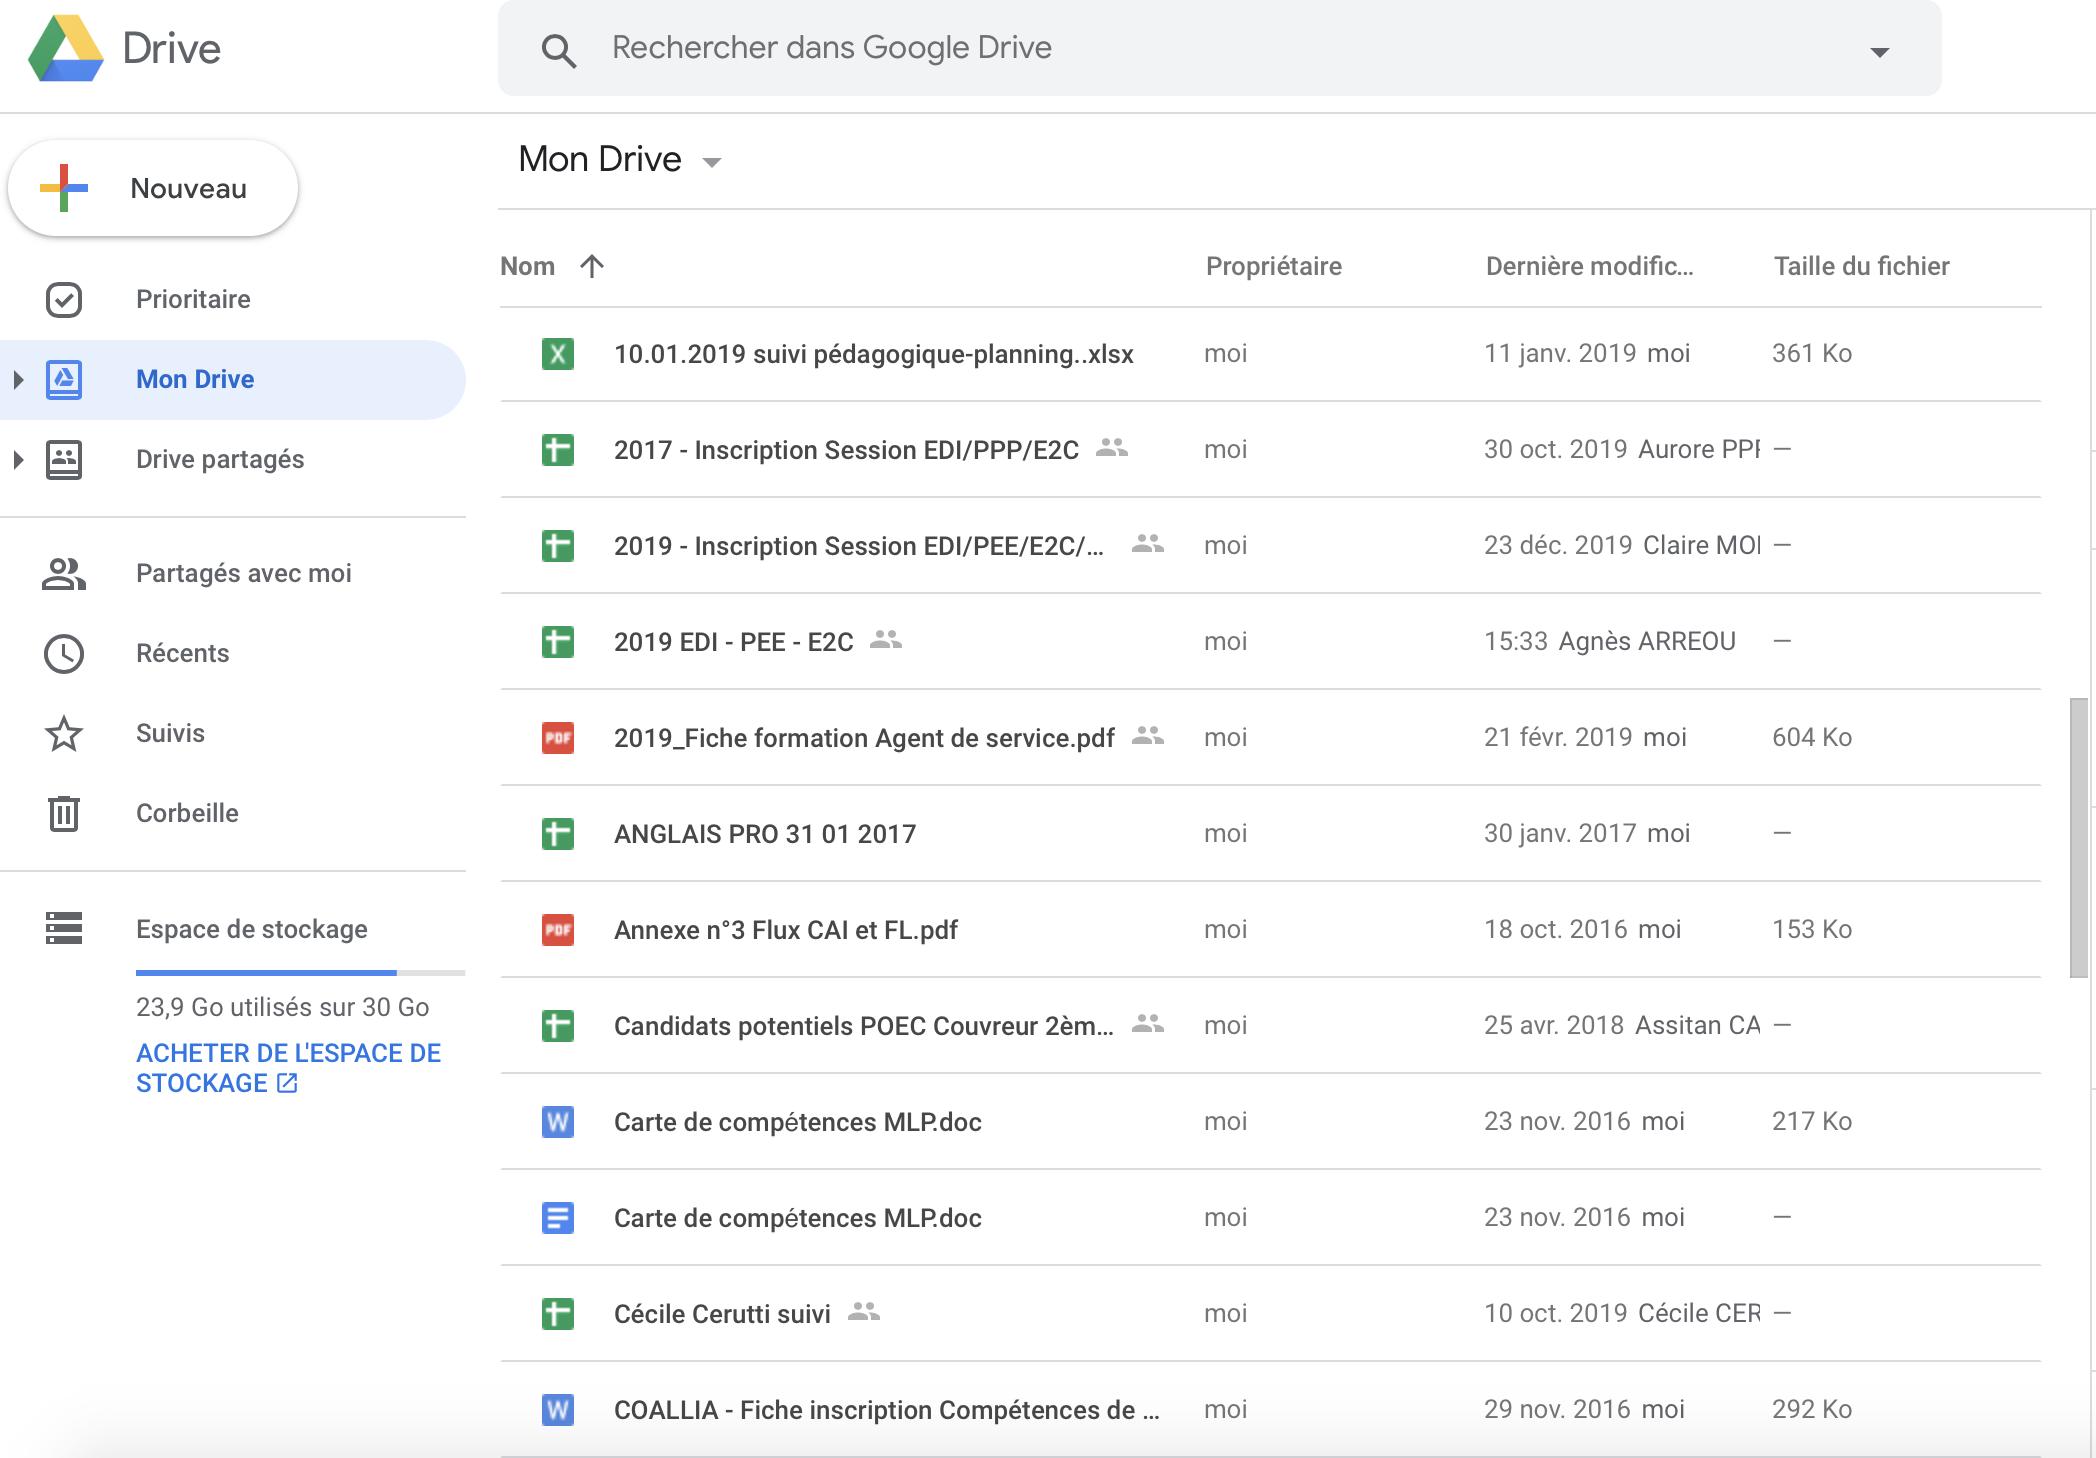 Je suis sur Google Drive et j'aimerais ajouter un nouveau dossier pour stocker des fichiers en dématérialisé. Comment faut-il faire ?